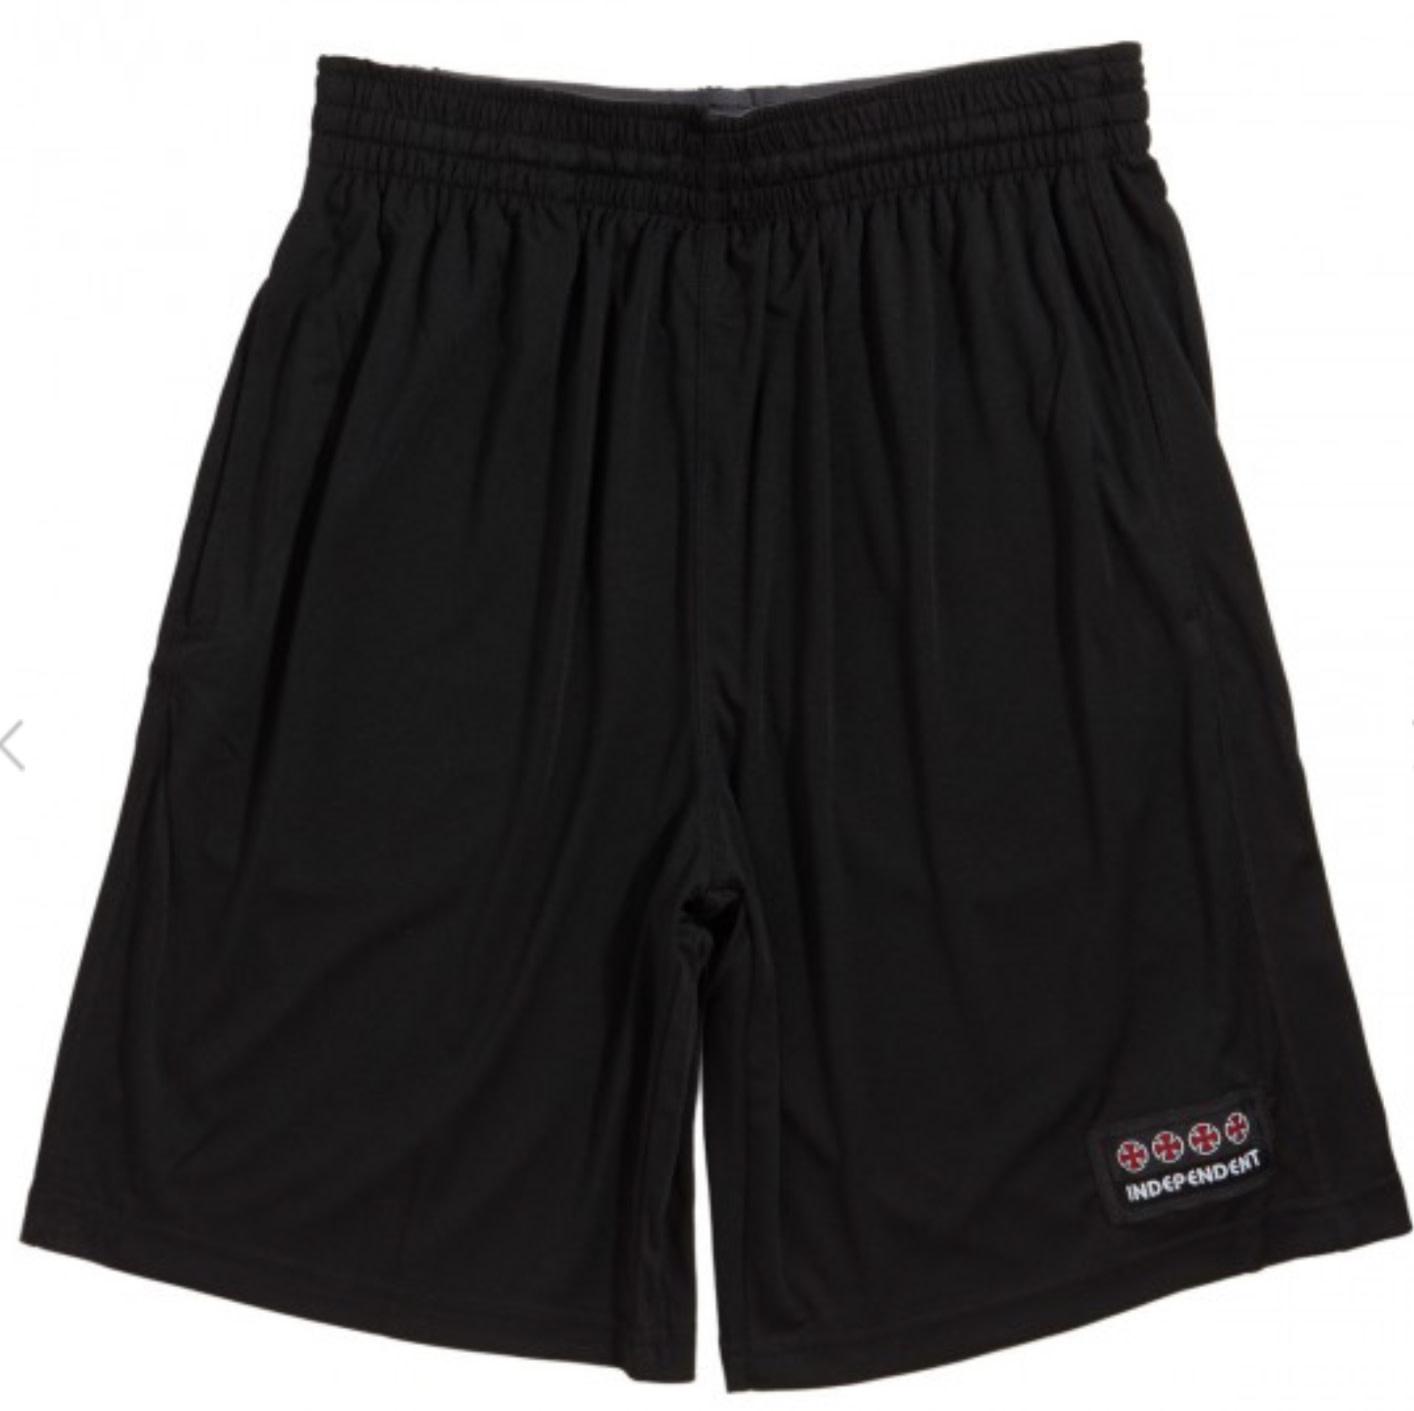 Independent Independent - Manner Basketball Short Bottom Black